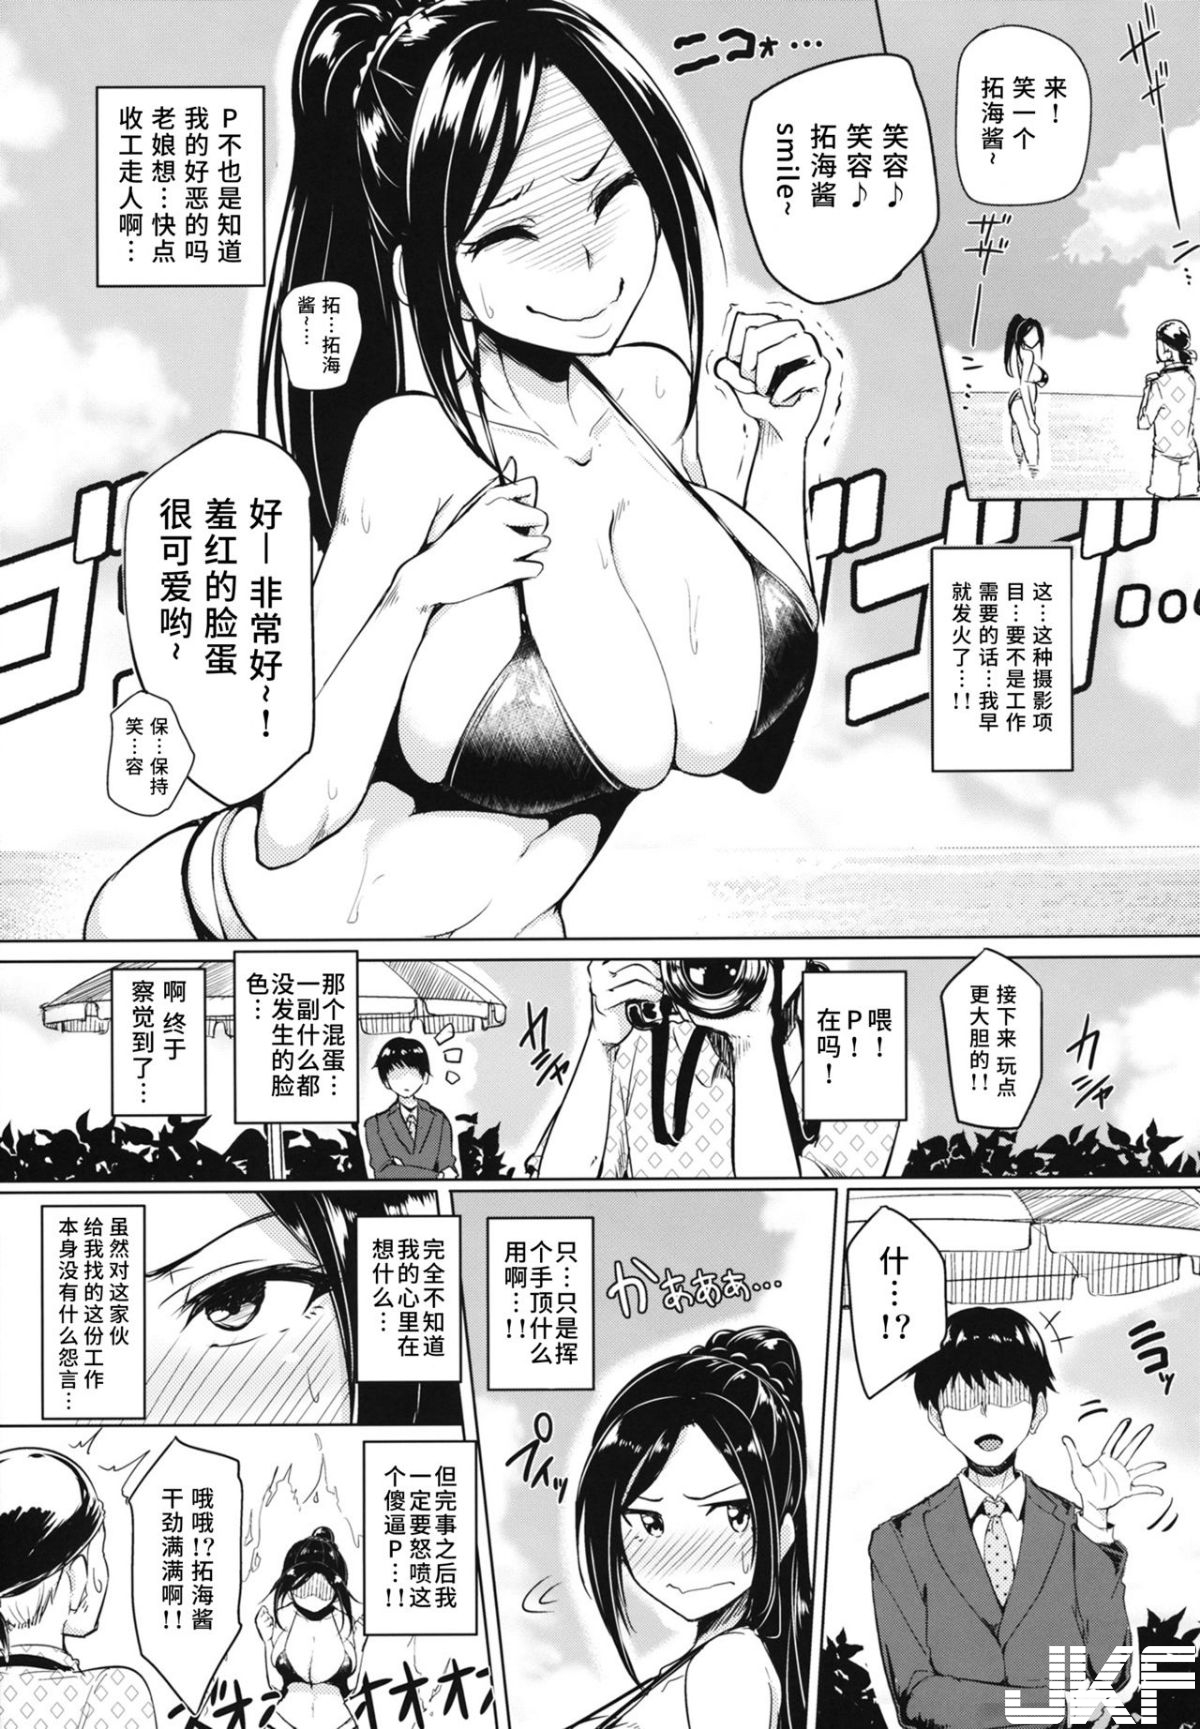 02_shinai_03.jpg